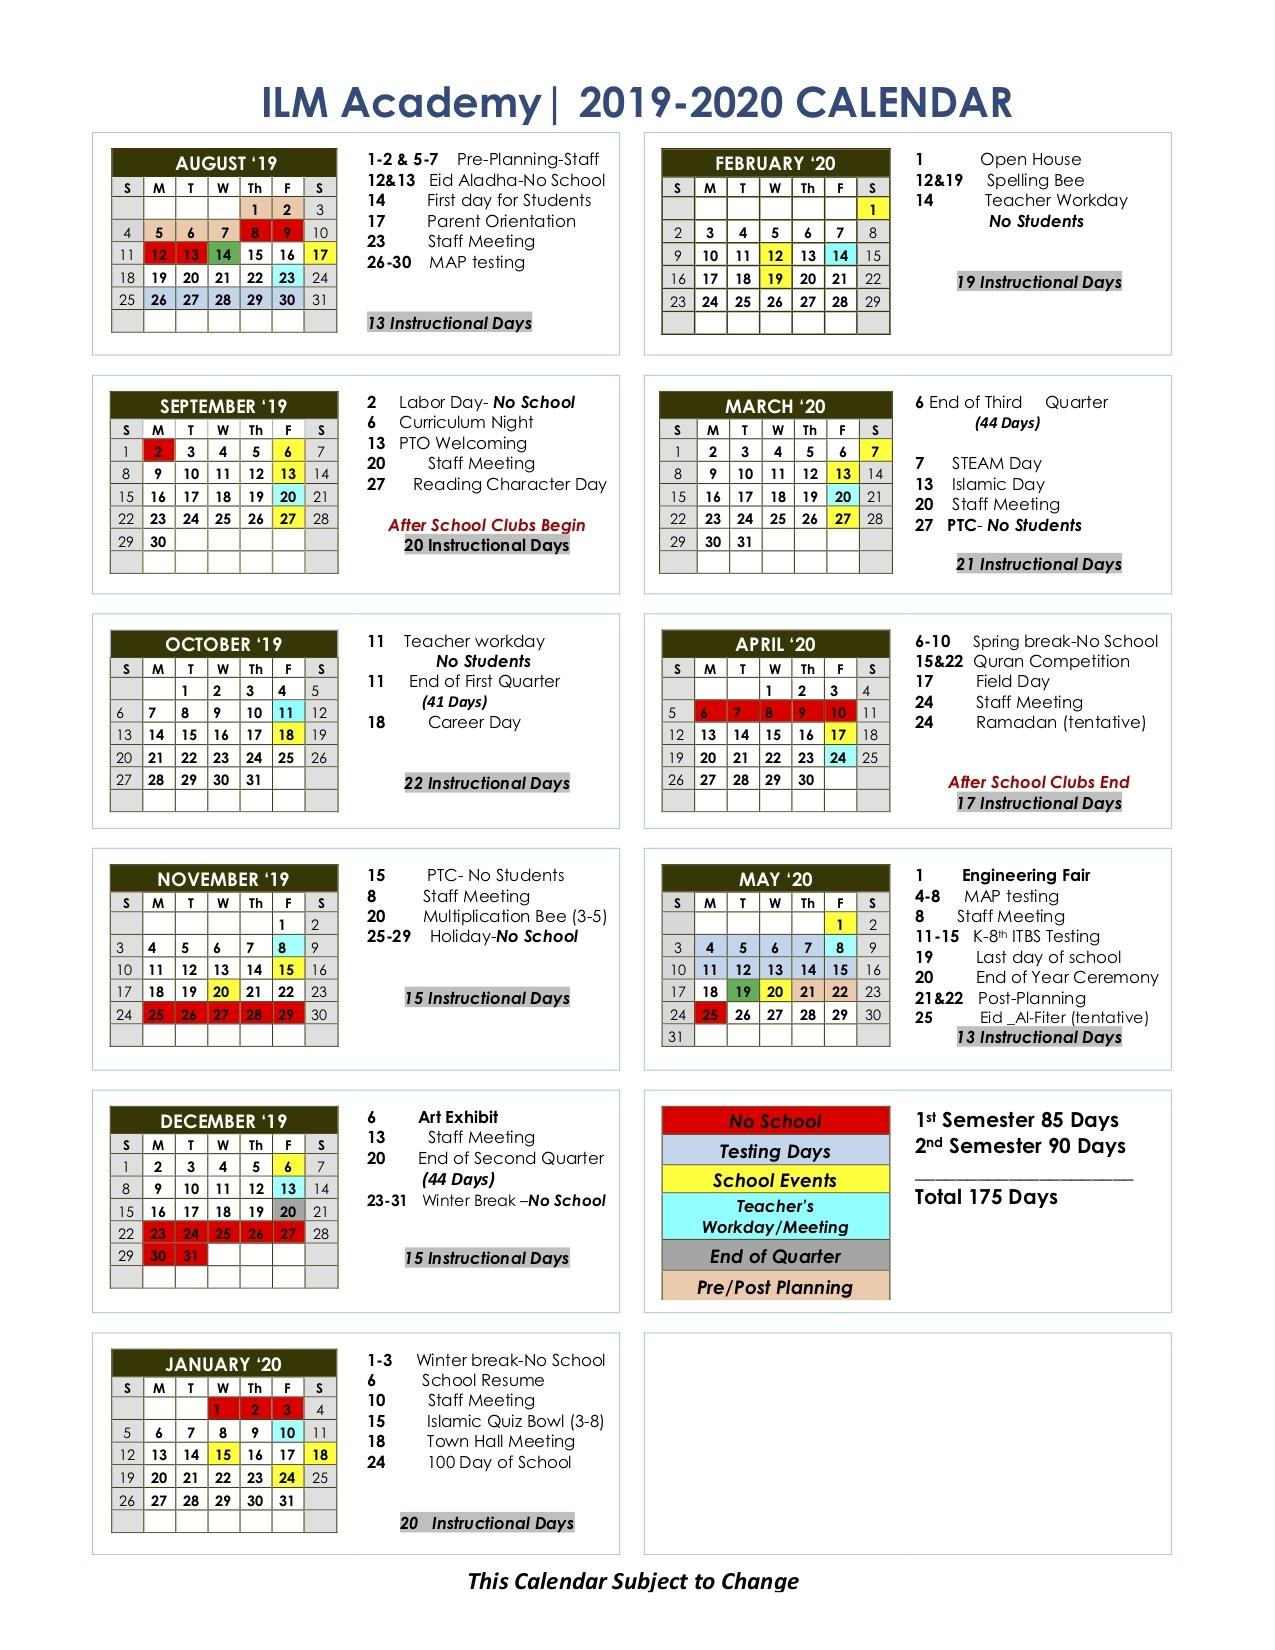 School Year Calendar - Ilm Academy